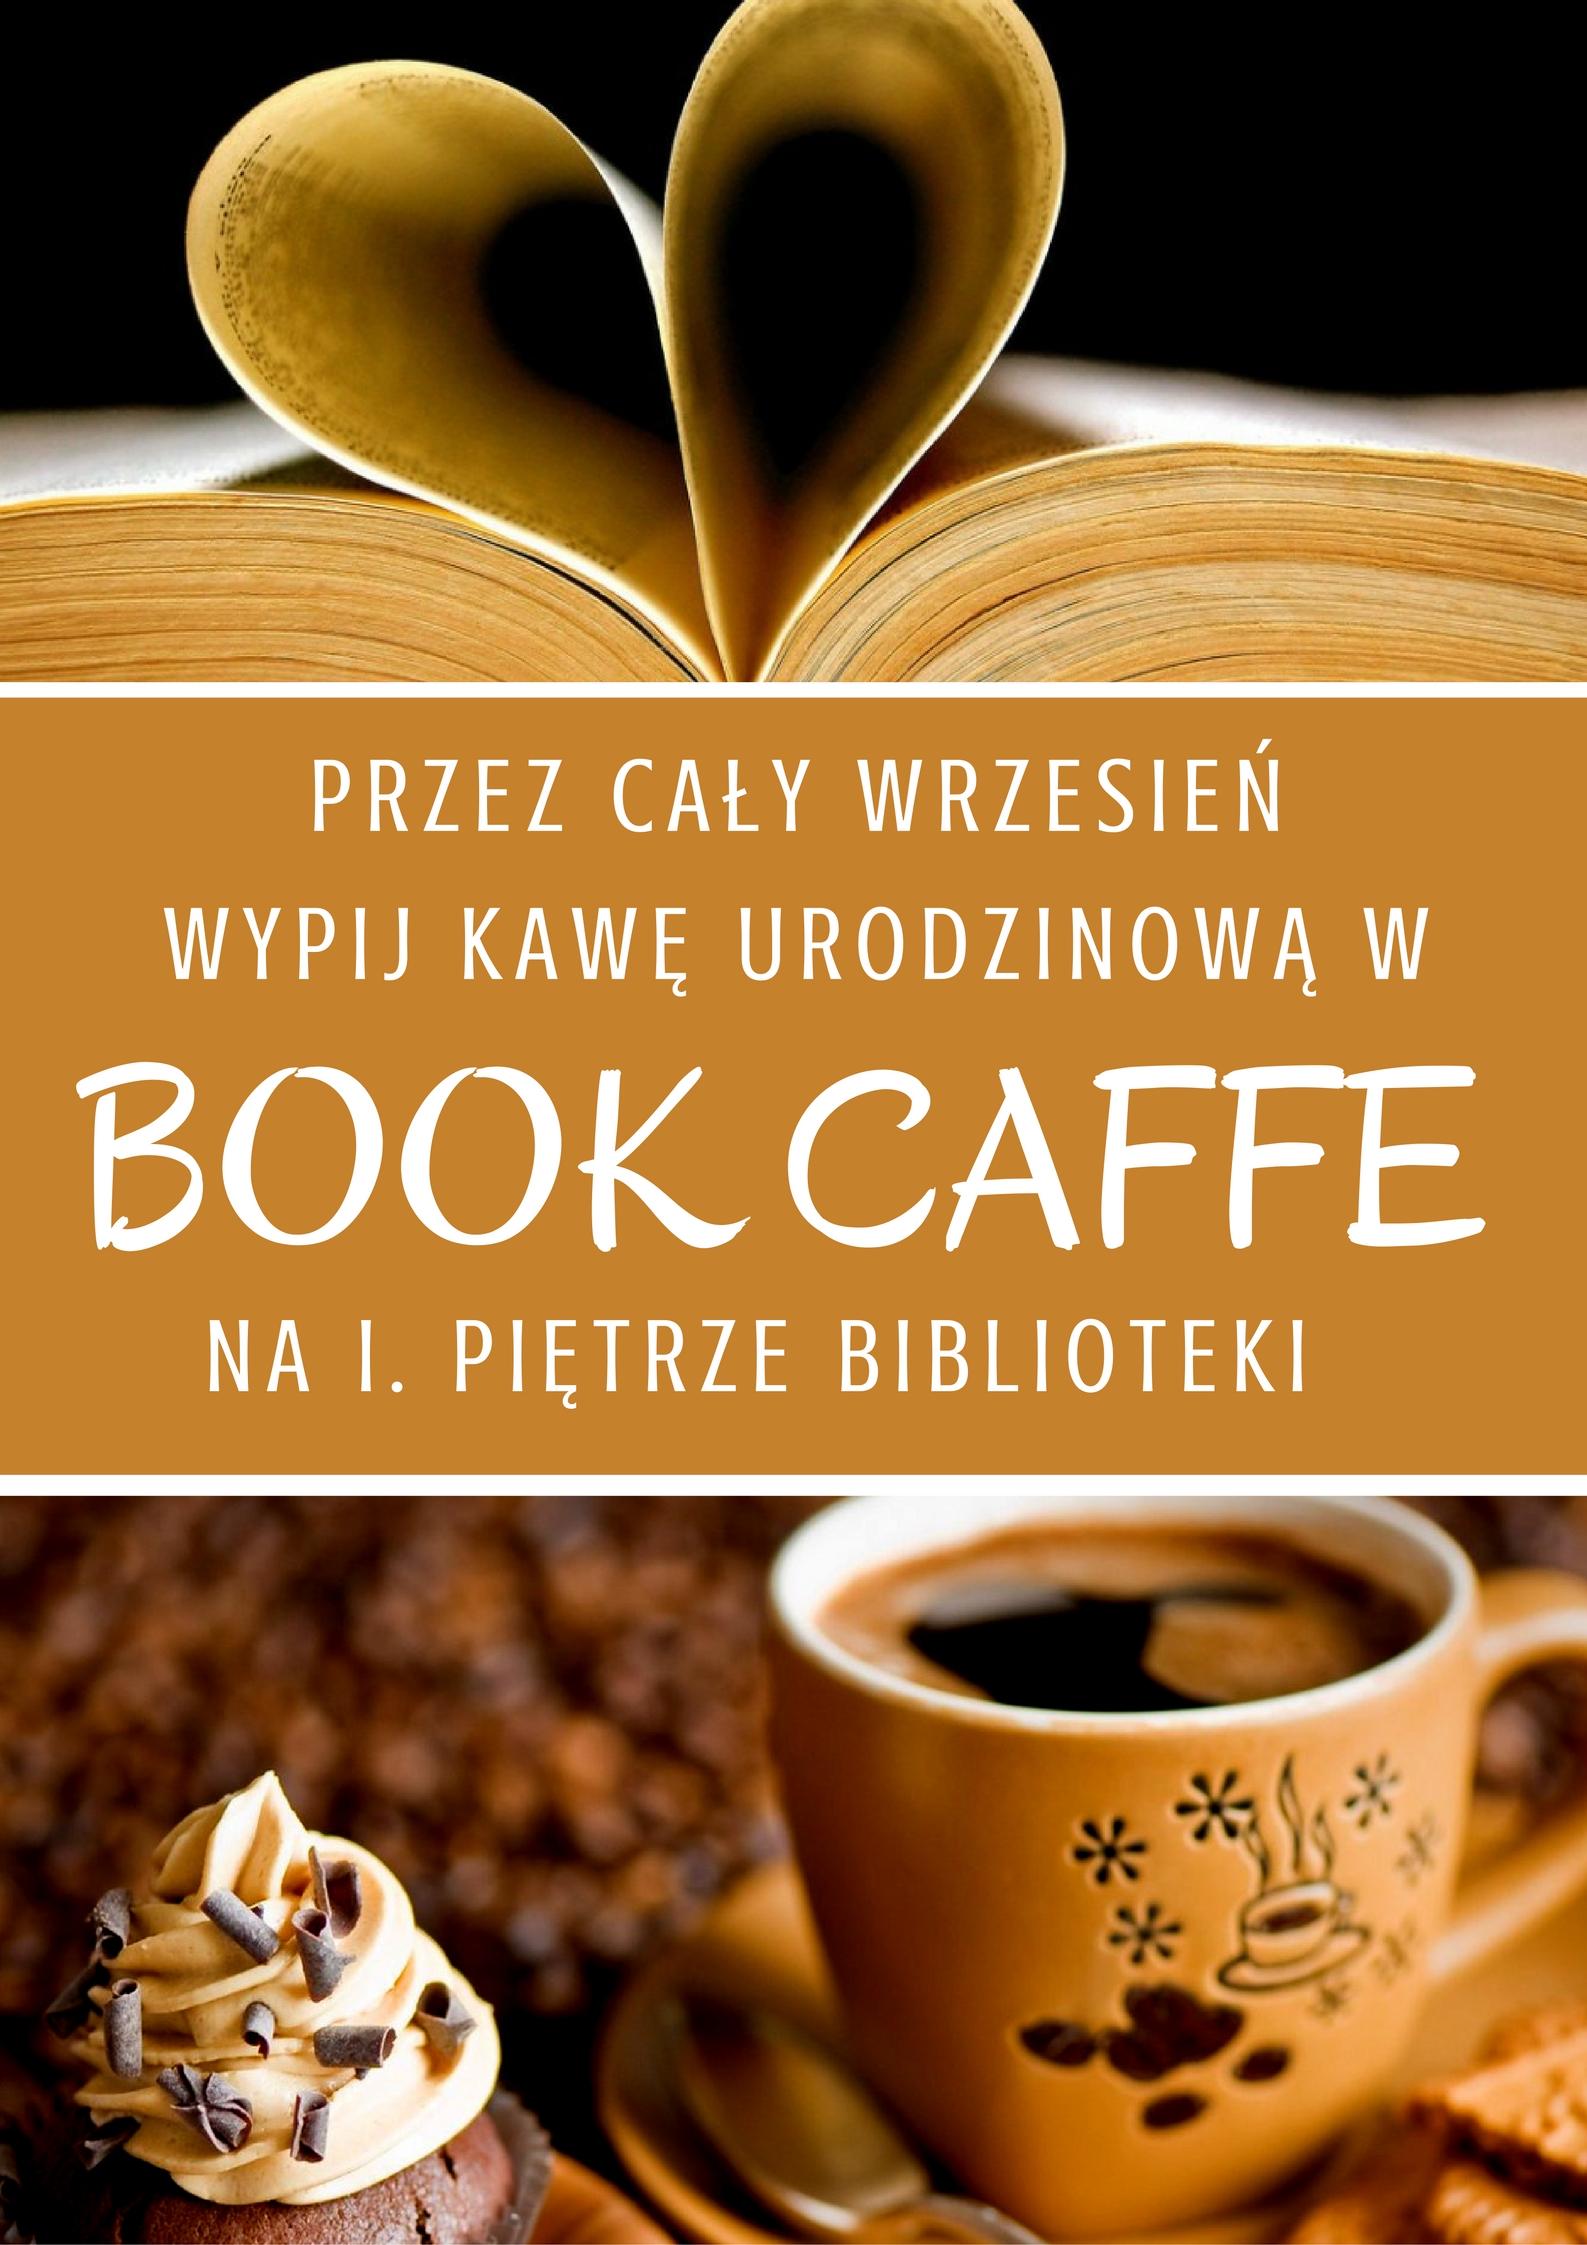 - kawiarenka.jpg